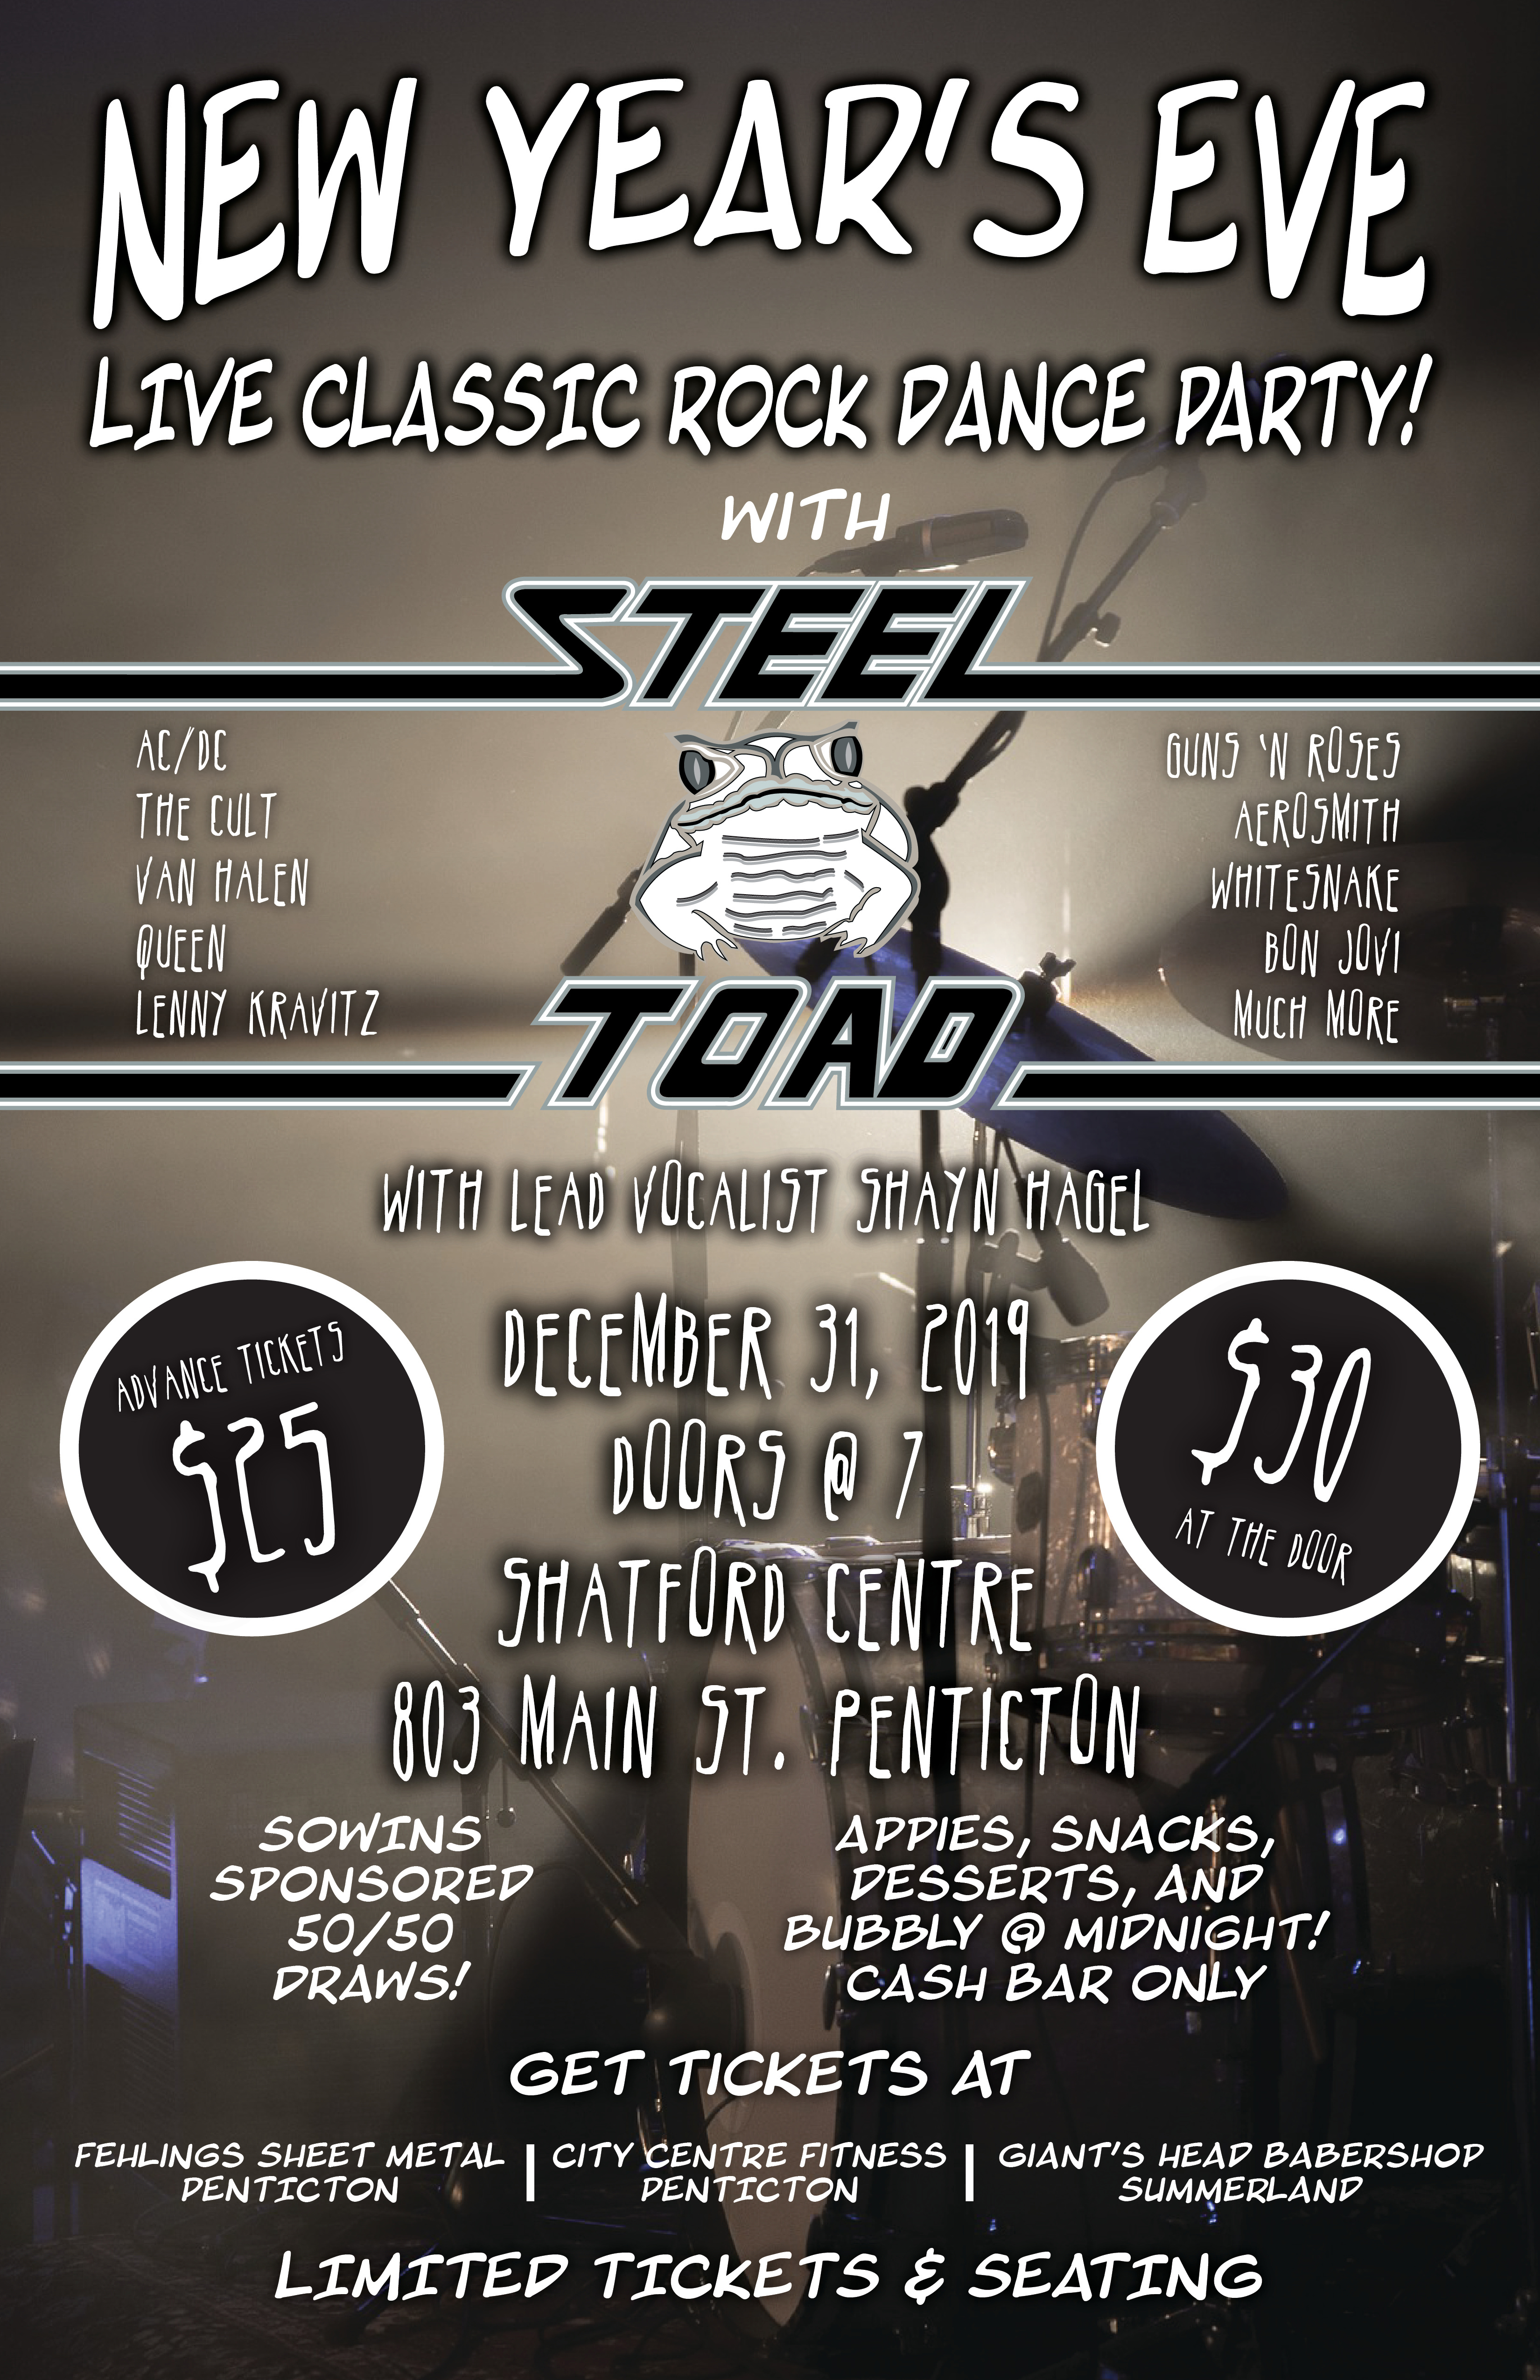 036 Steel Toad Poster-01.jpg